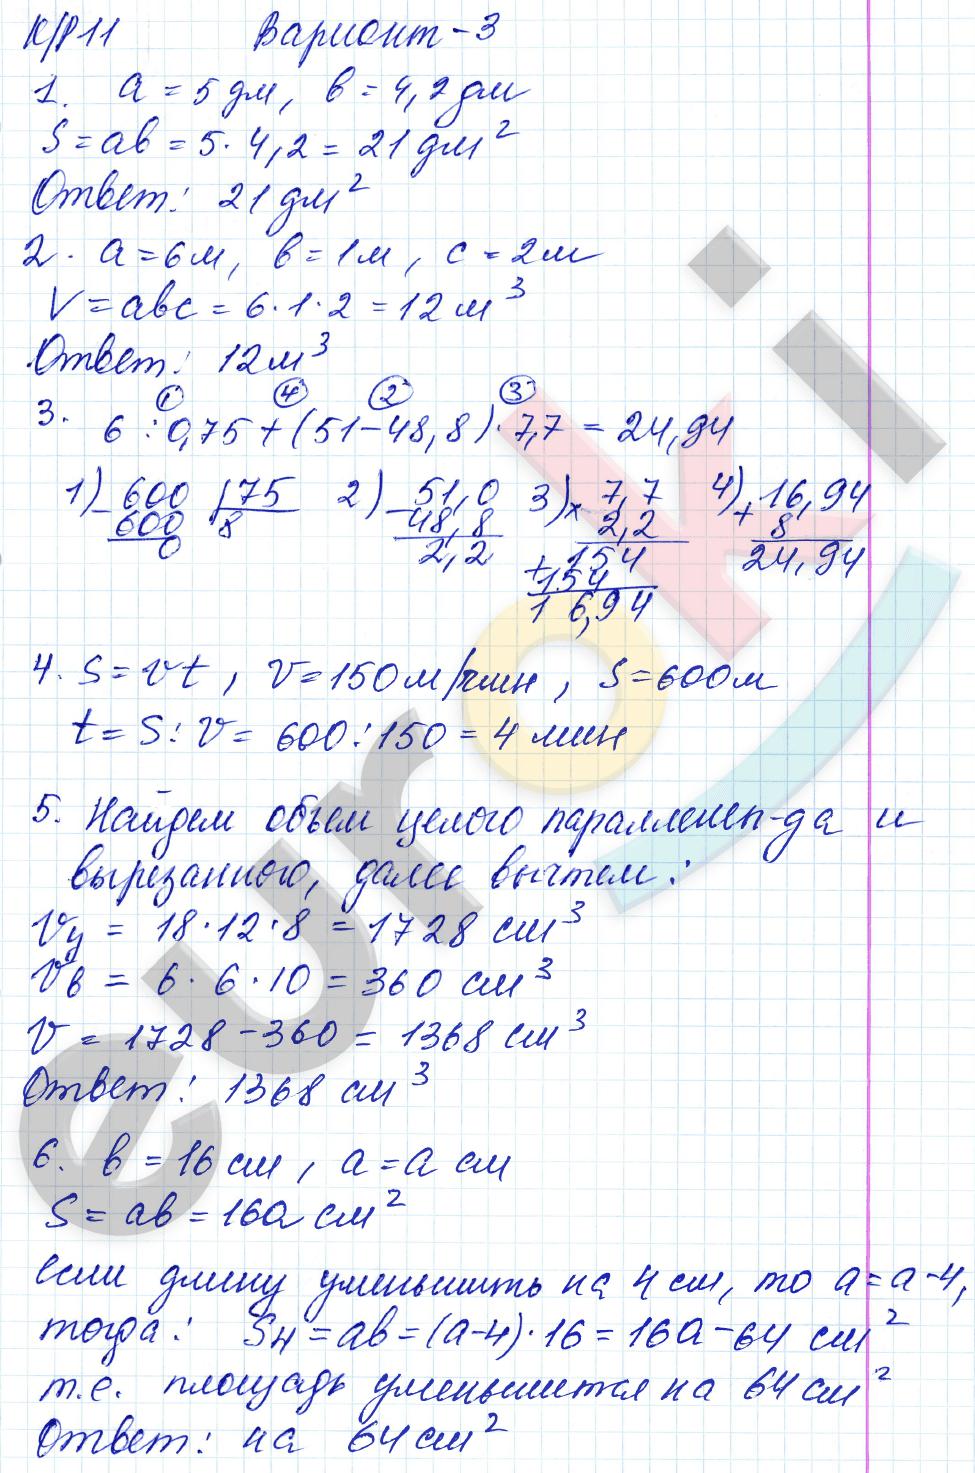 ГДЗ по математике 5 класс контрольные работы Дудницын, Кронгауз Экзамен ответы и решения онлайн КР-11. Площади и объемы. Задание: Вариант 3